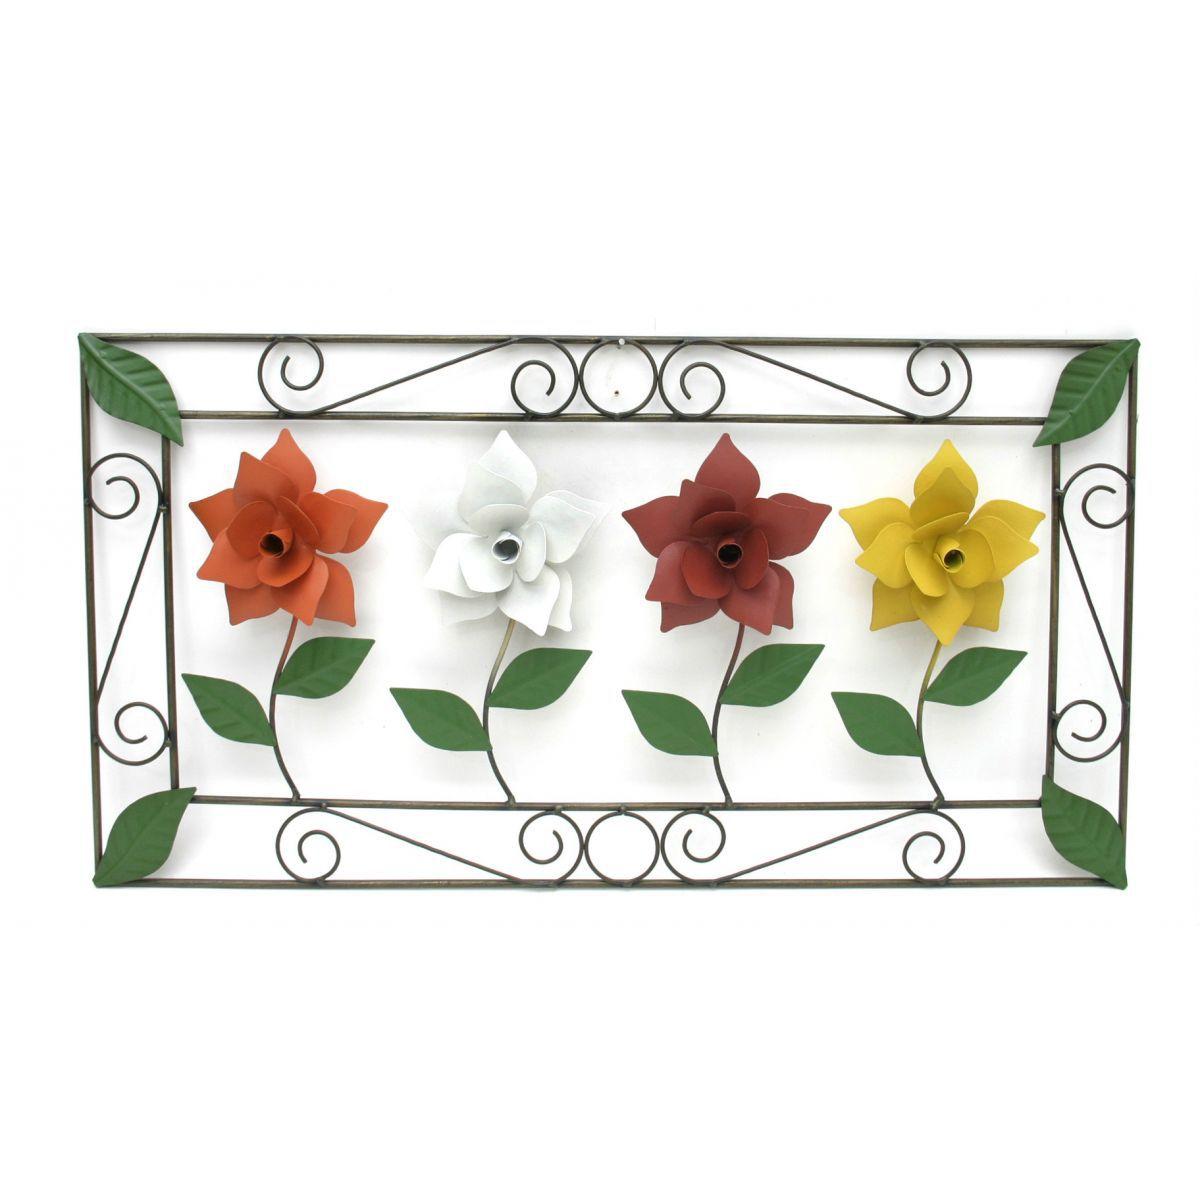 Quadro Artesanal de Parede Rustico em Ferro com Flores Coloridas